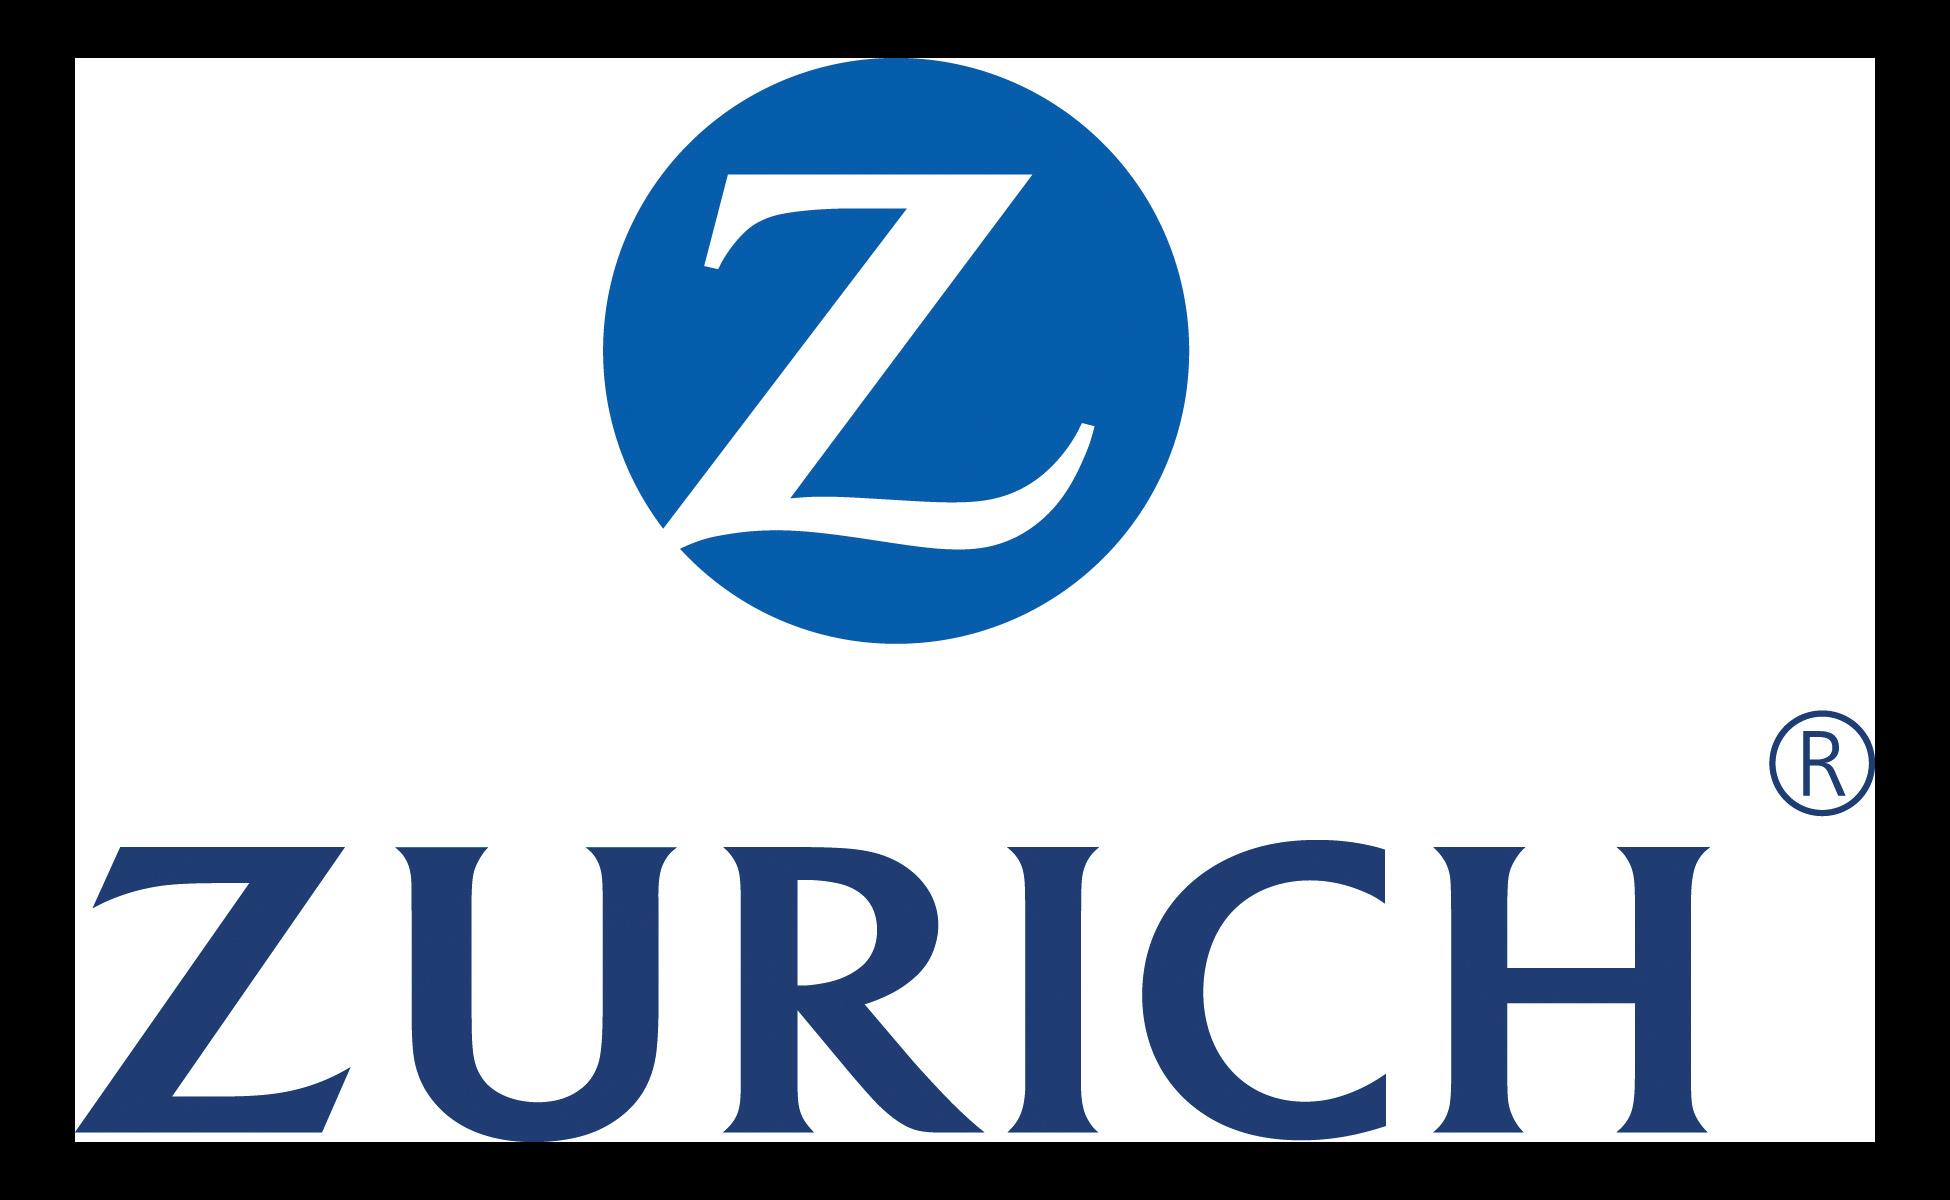 Zurich Mark 300 (2010)